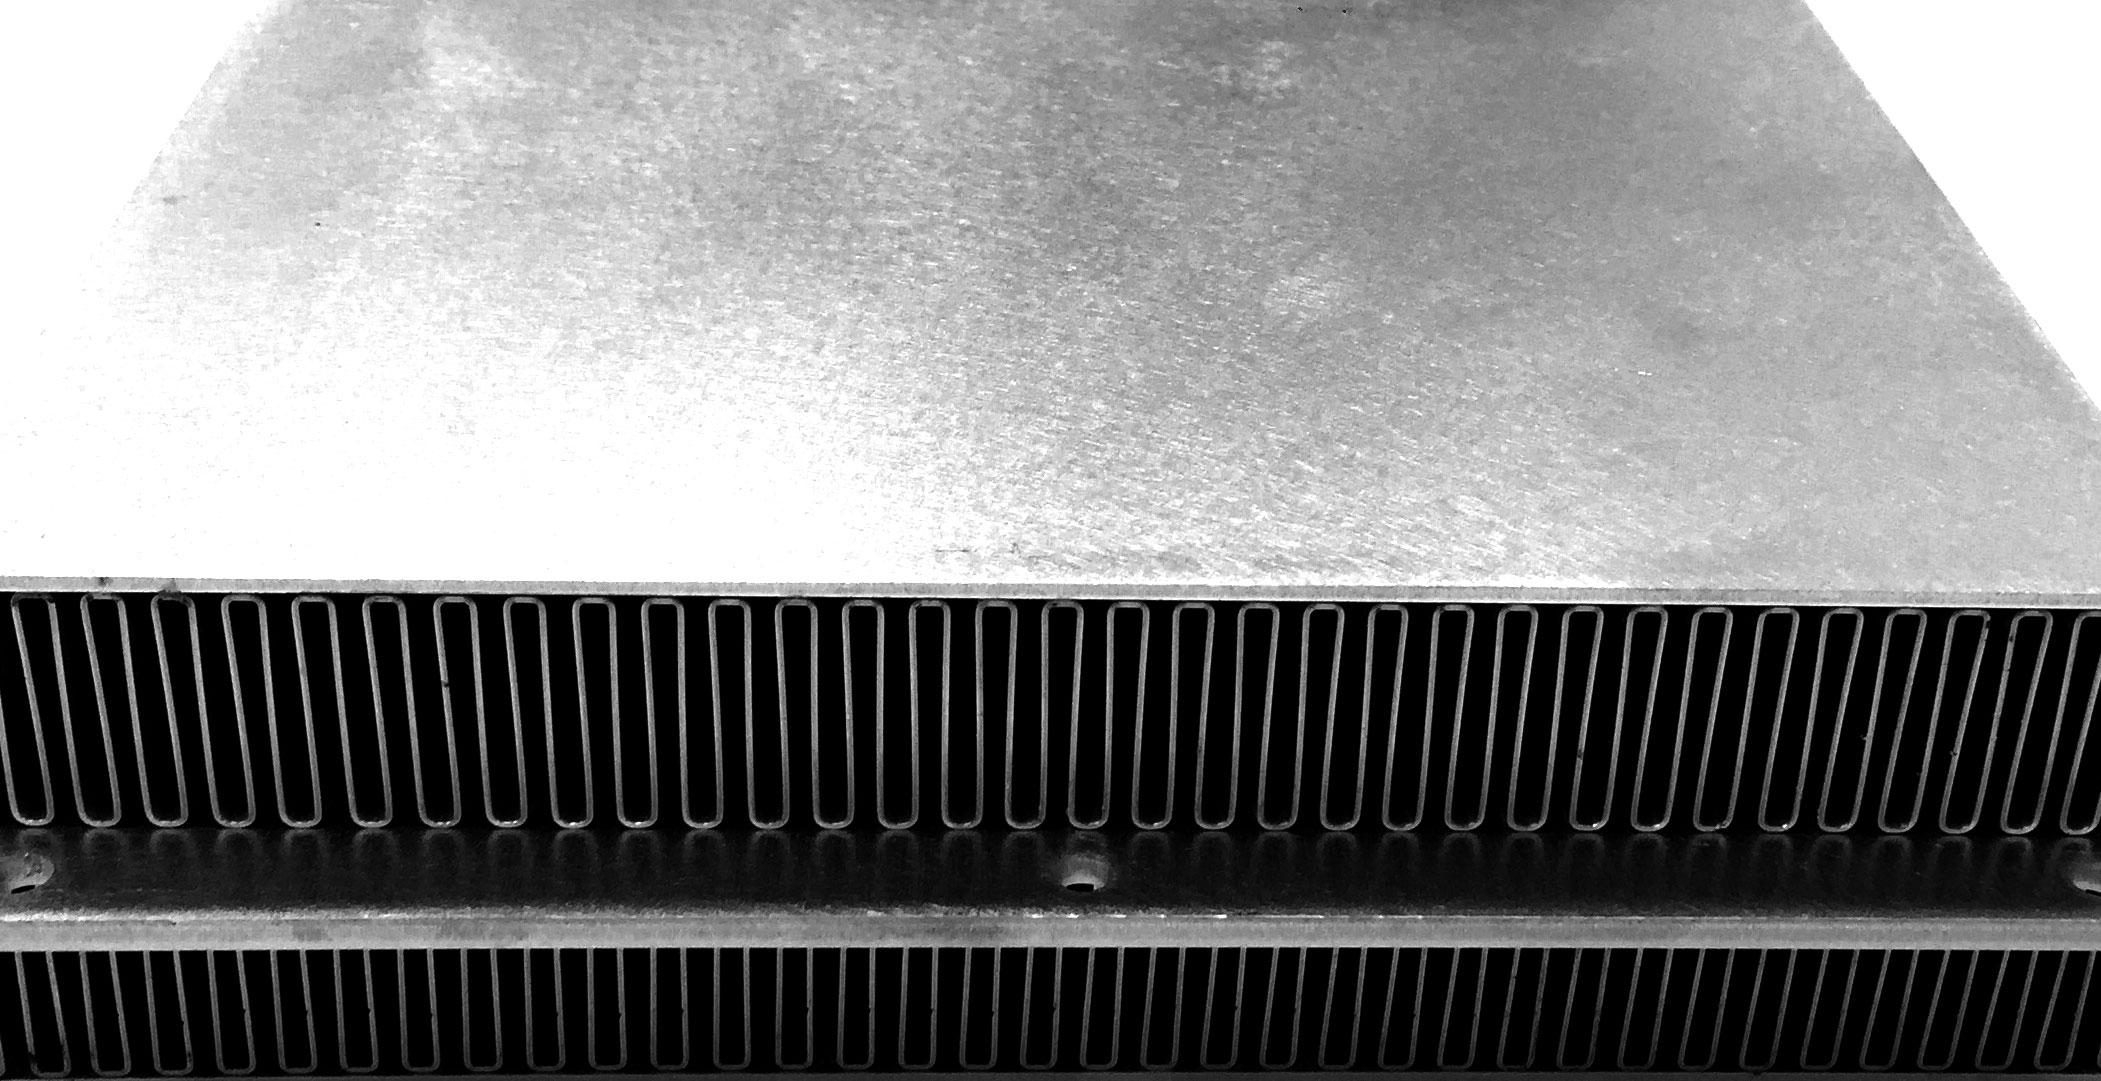 Folded Fin Heat Exchanger Bluecore